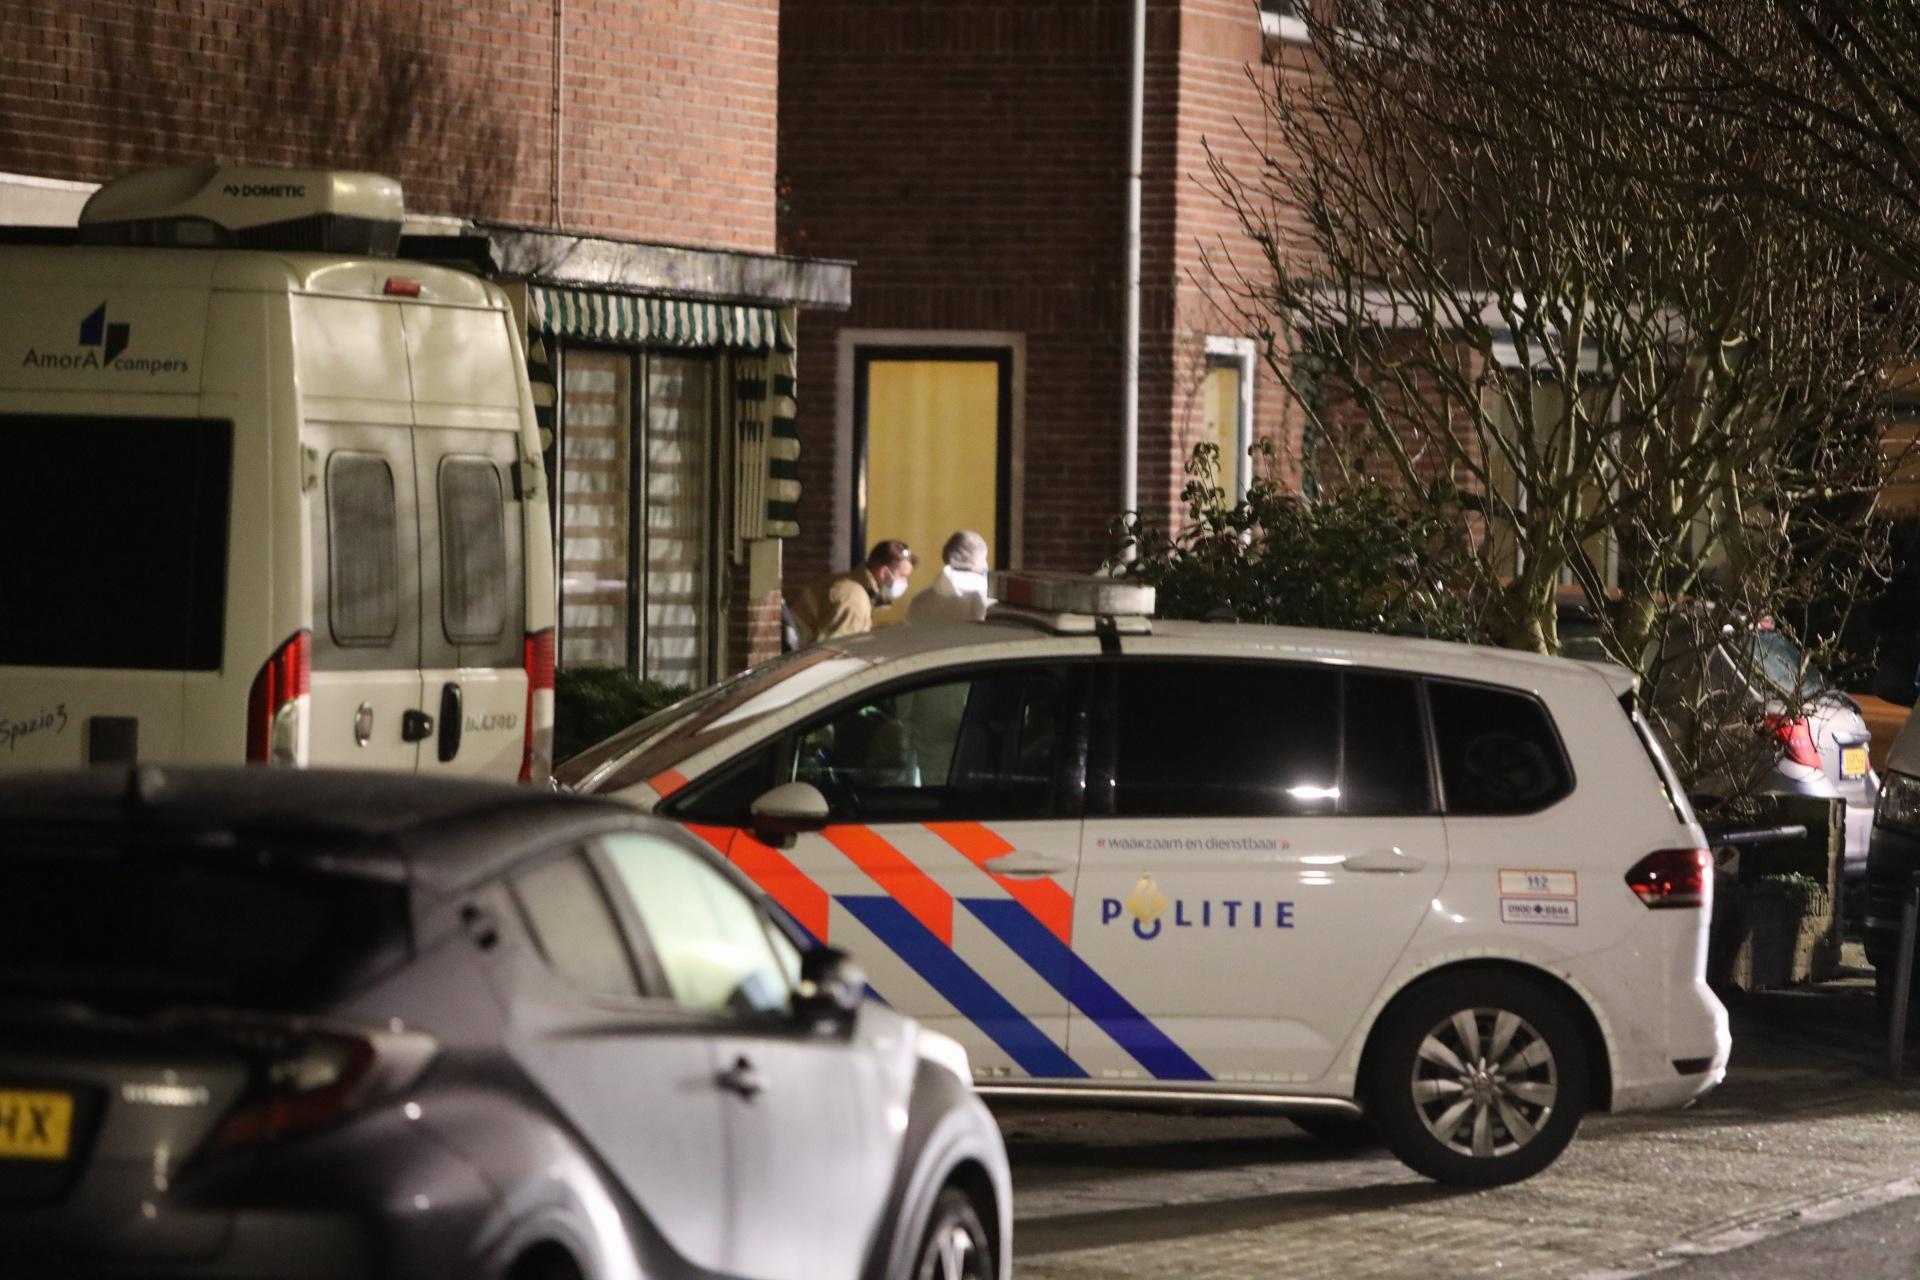 Dode man aangetroffen onder auto aan de Van Ostadelaan in Hilversum